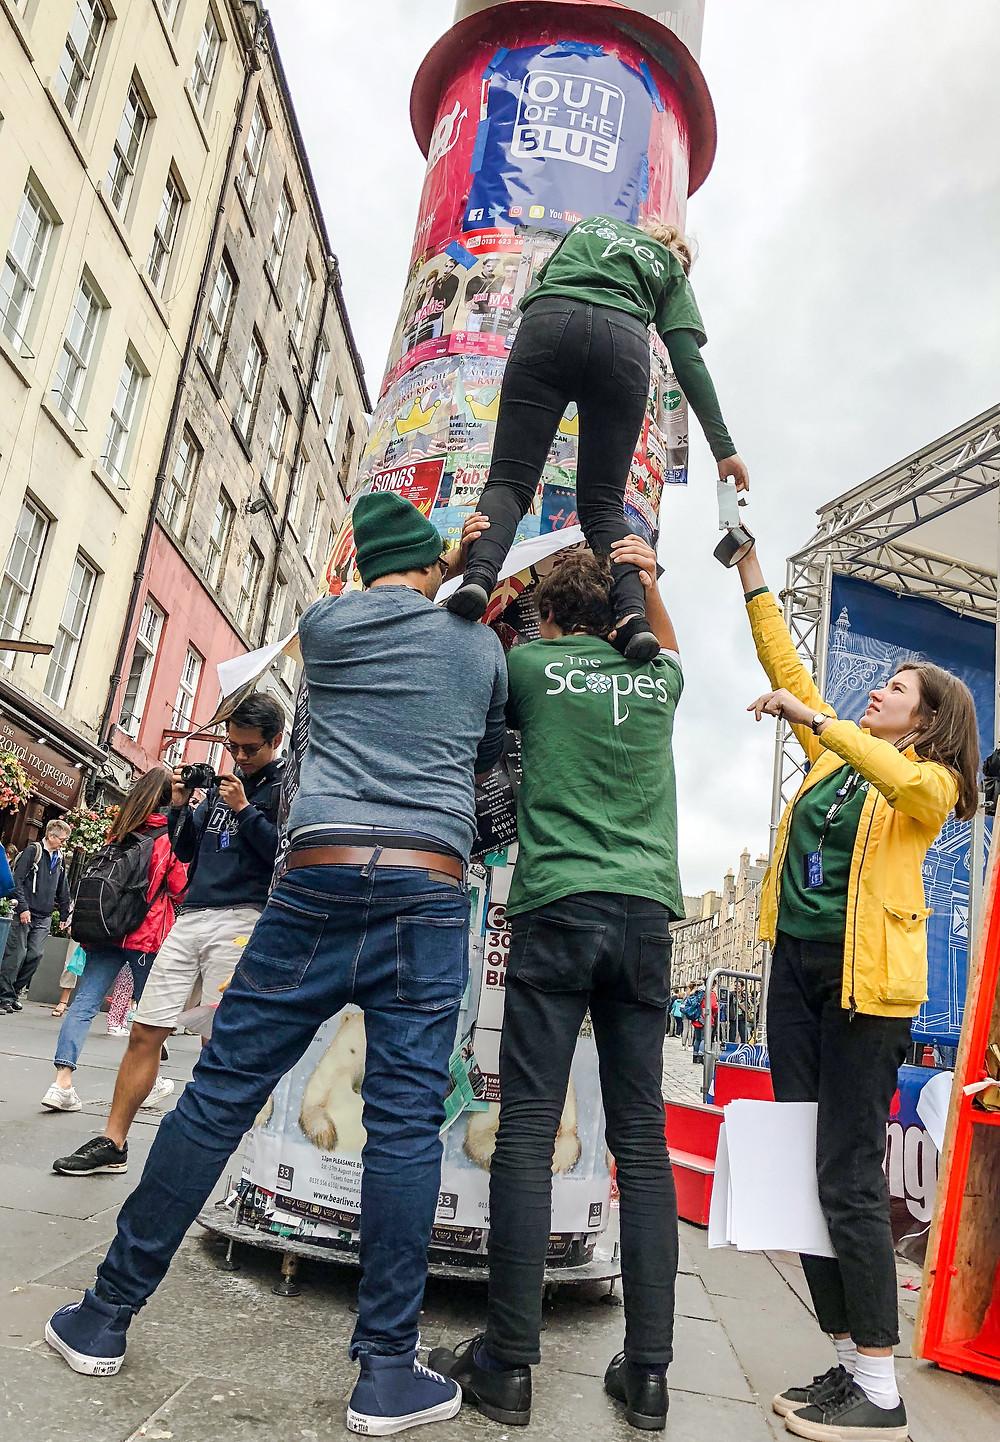 為求突出宣傳效果,工作人員不惜冒險攀爬高處張貼海報,十分落力。